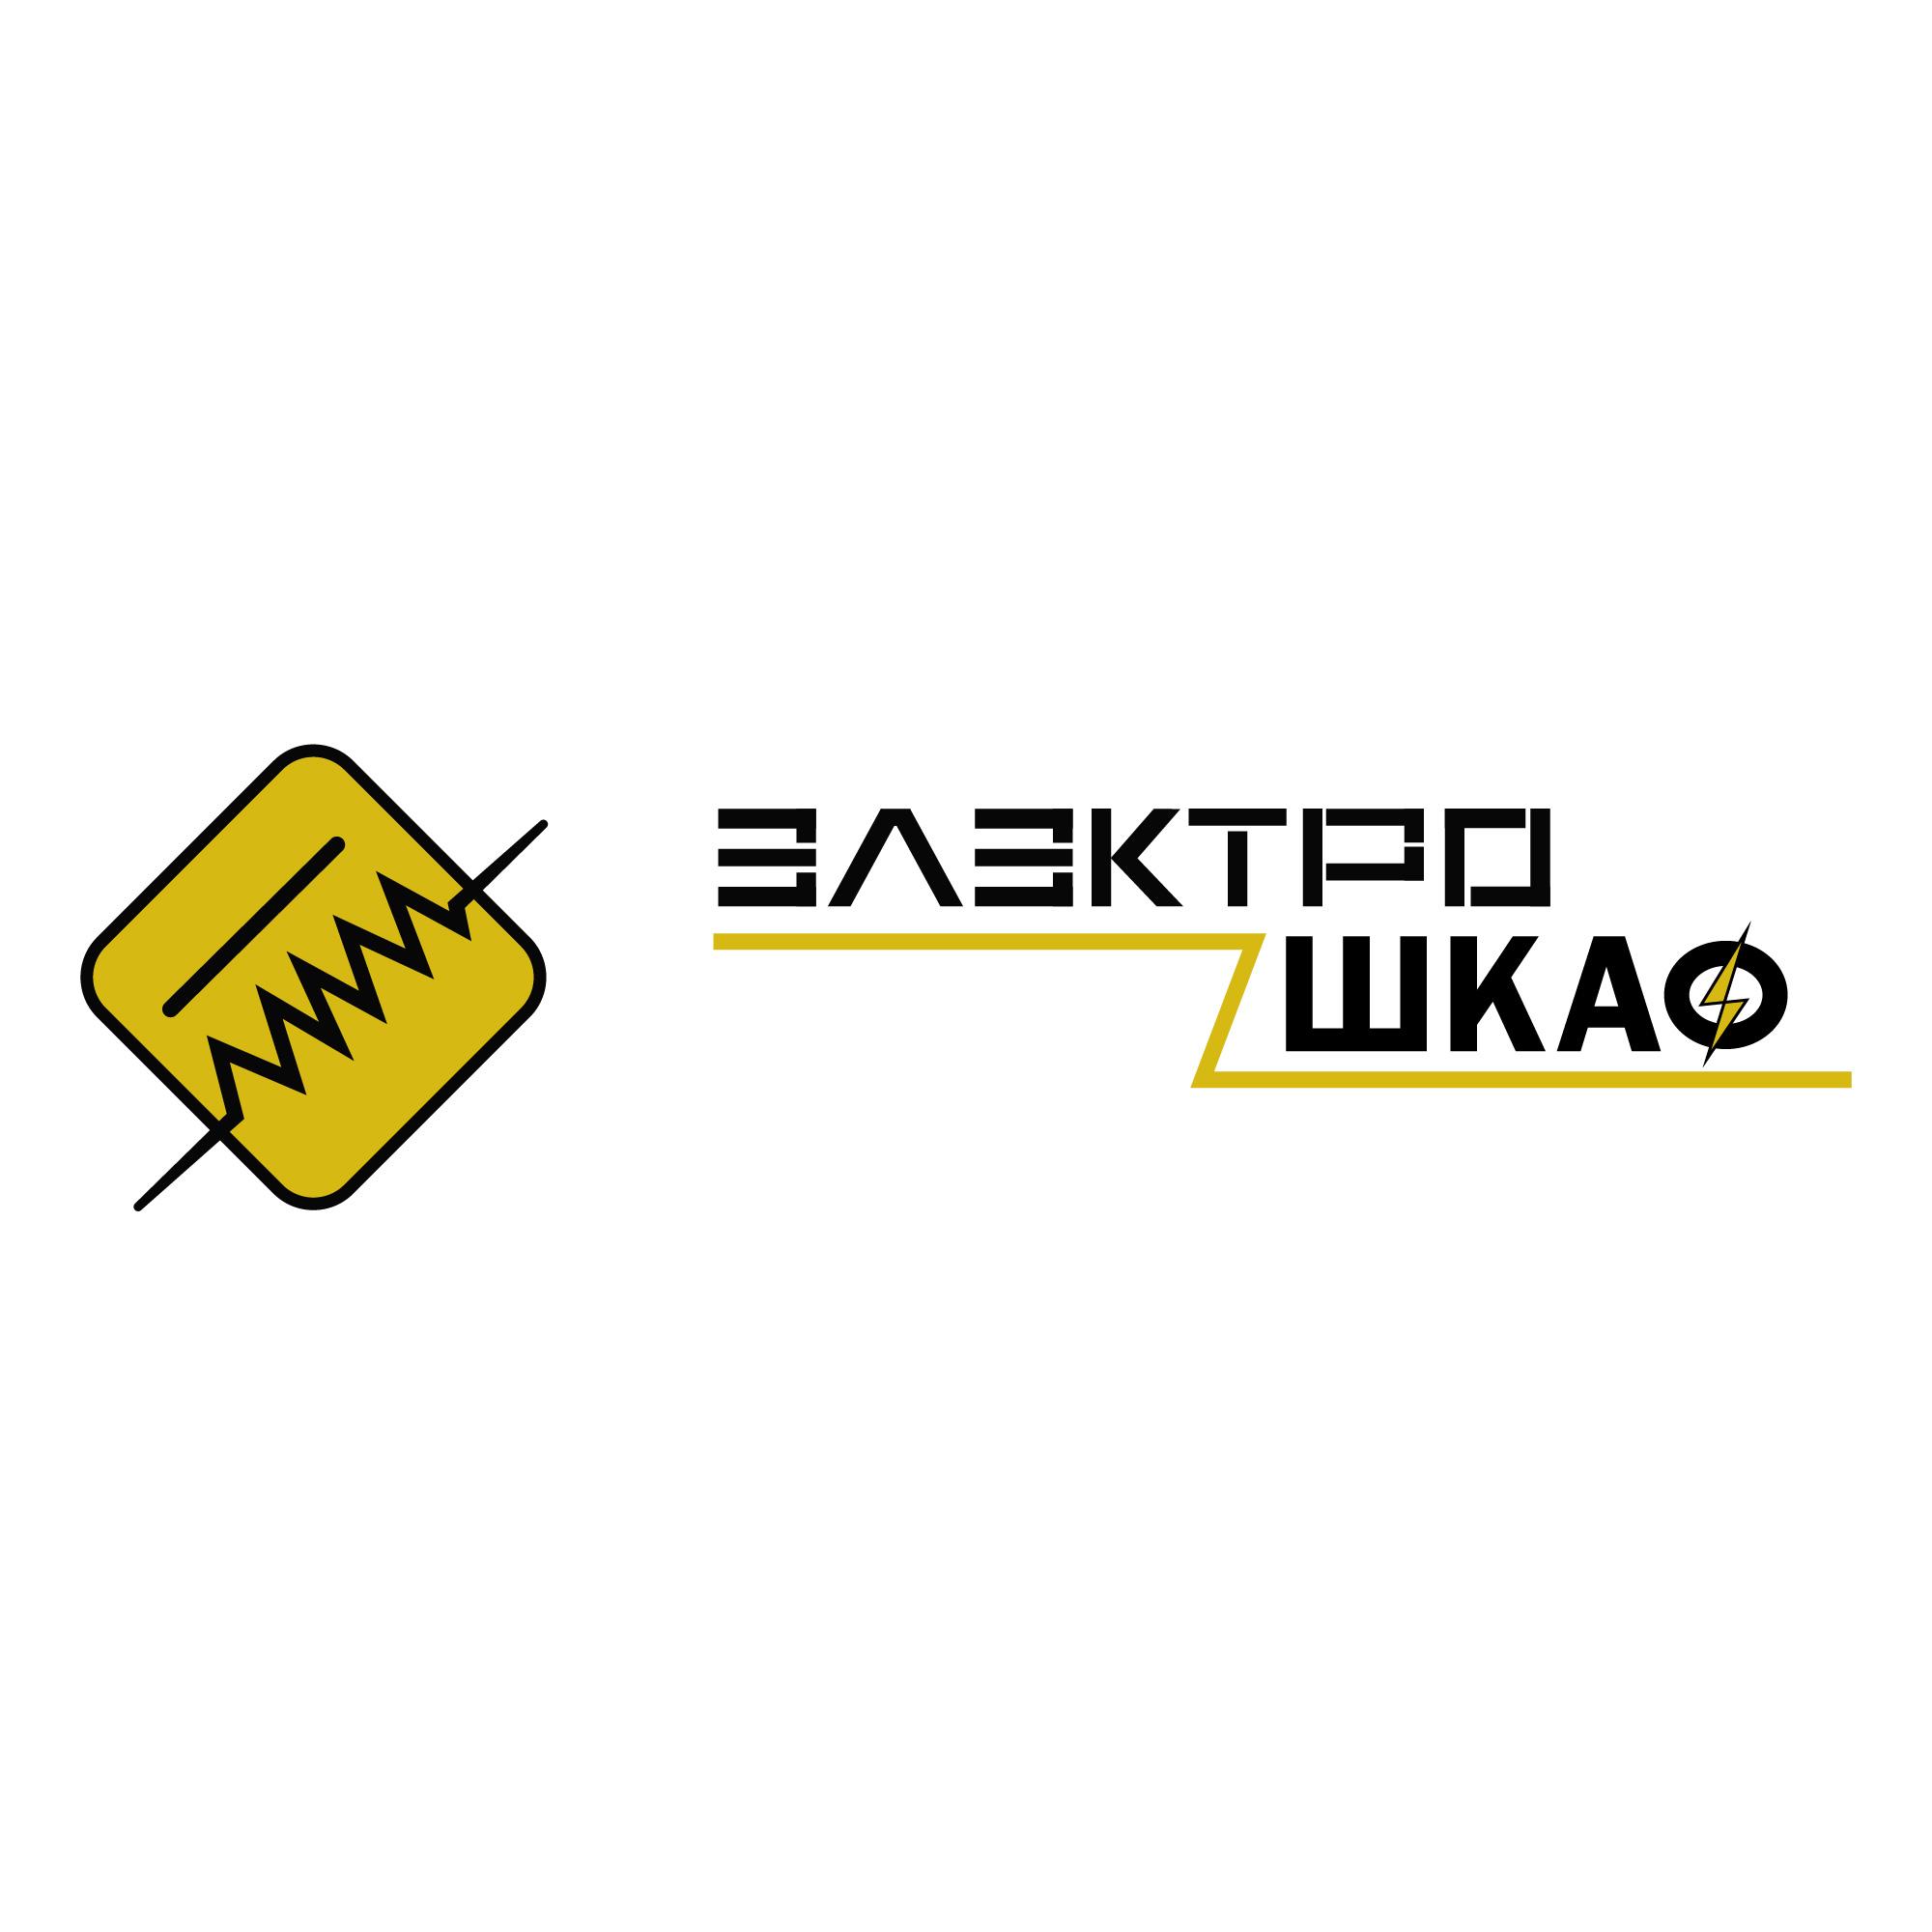 Разработать логотип для завода по производству электрощитов фото f_9475b7134b12ff12.jpg